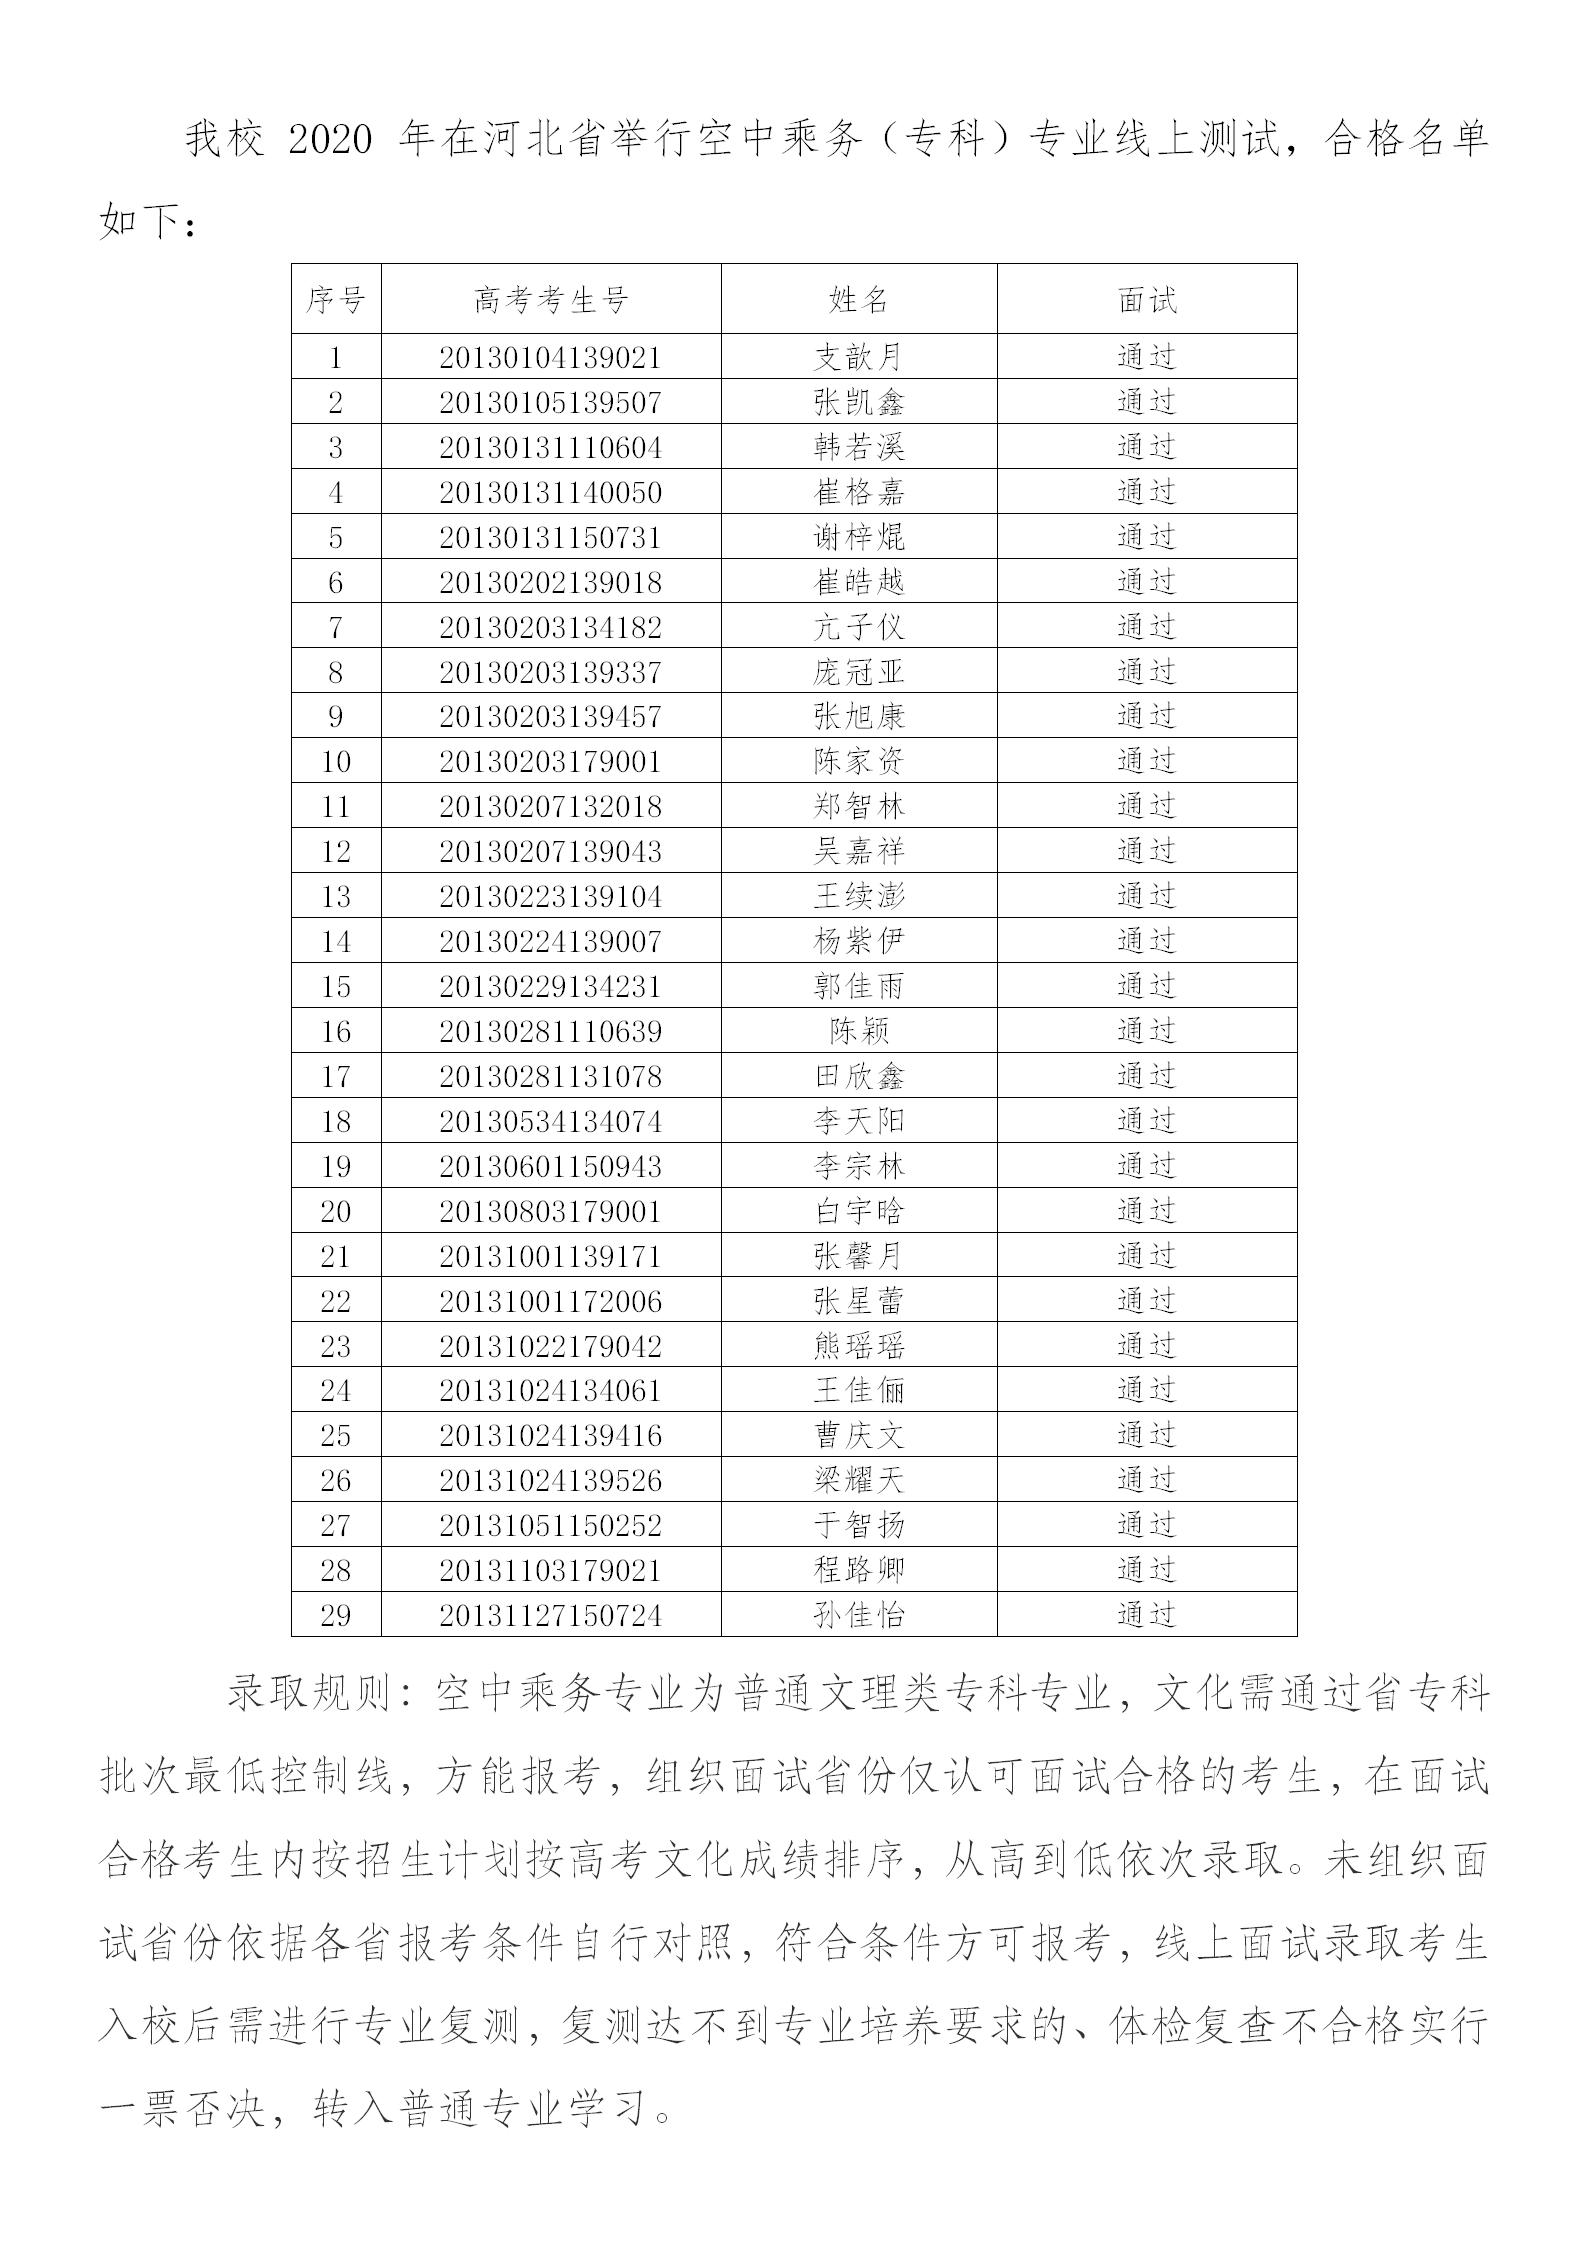 2020河北省空乘名单_01.png